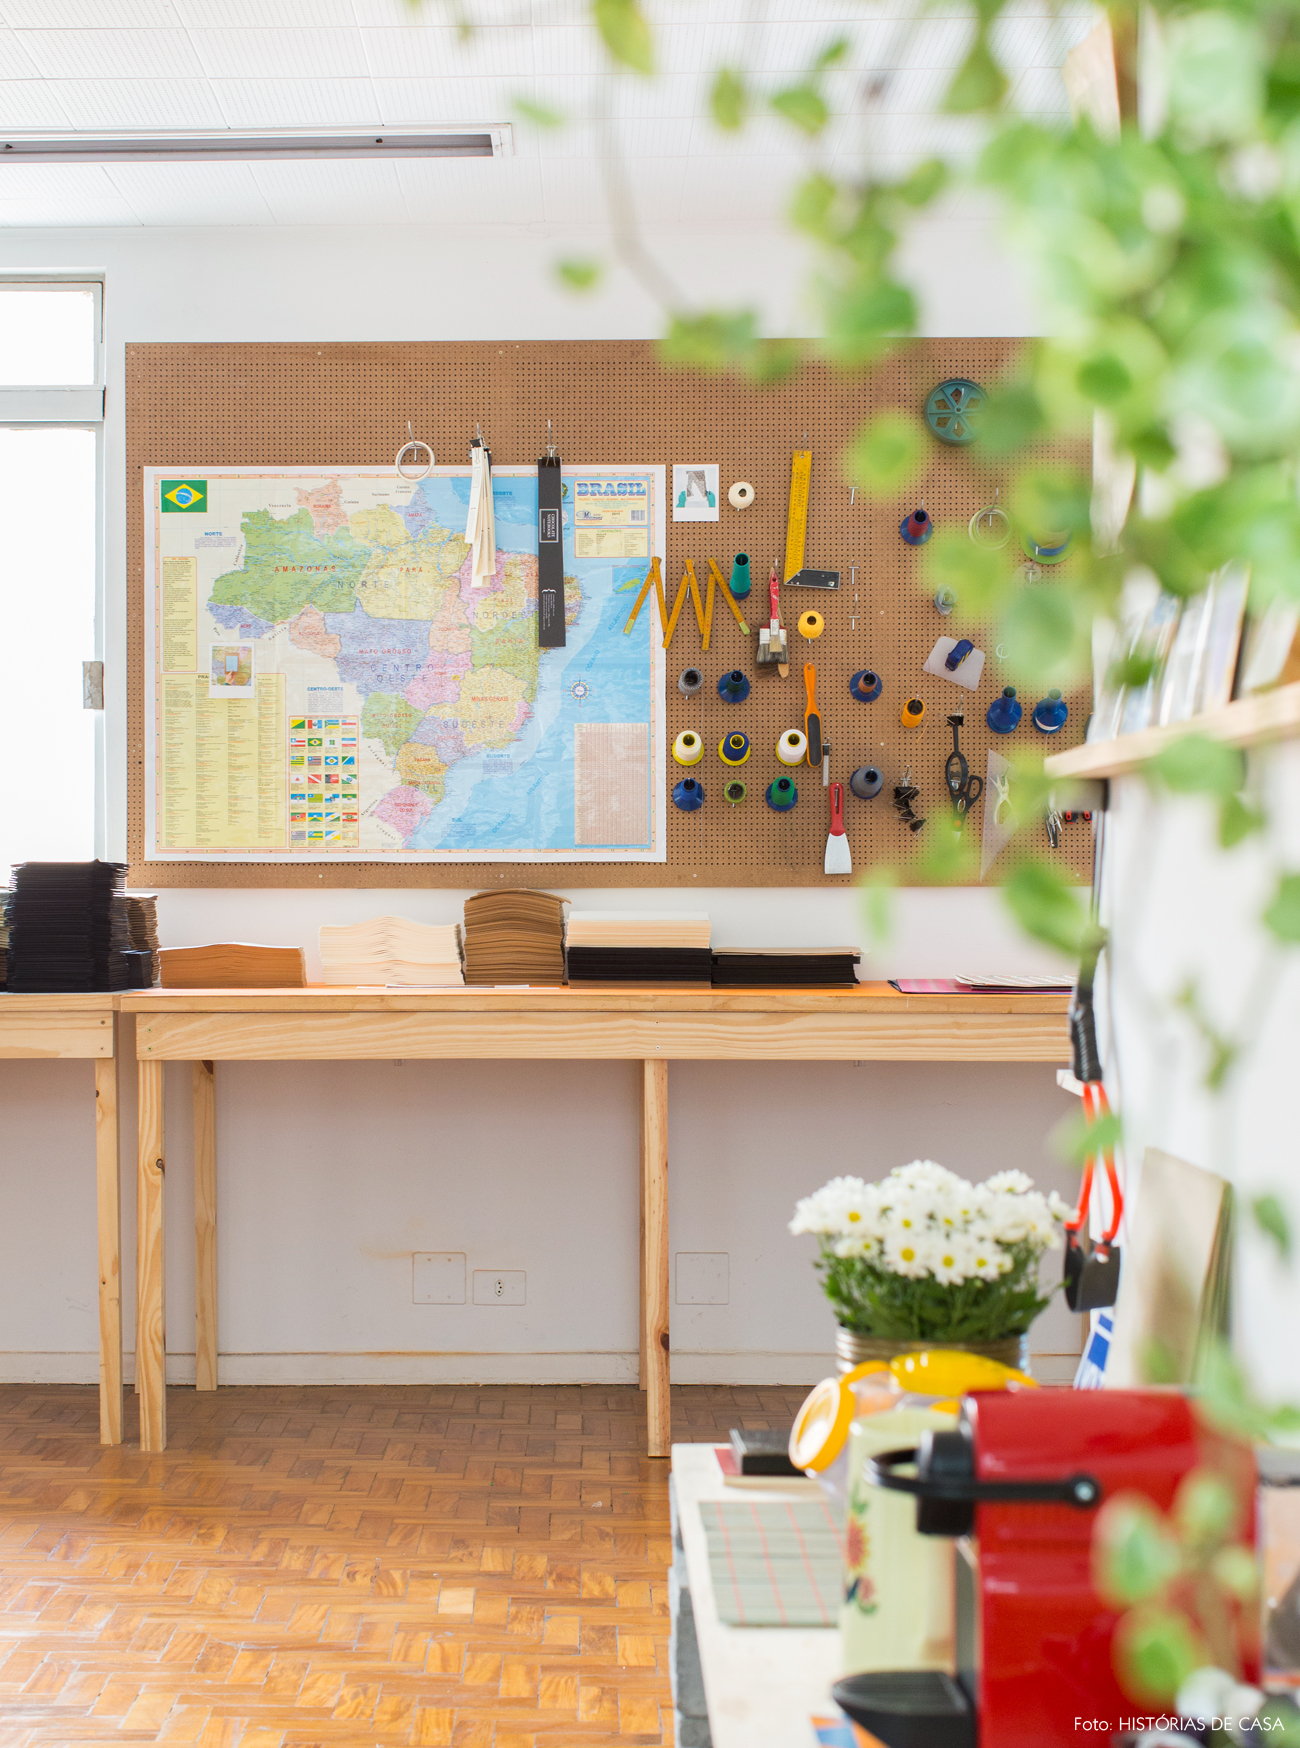 10-decoracao-espaco-trabalho-organizador-pegboard-painel